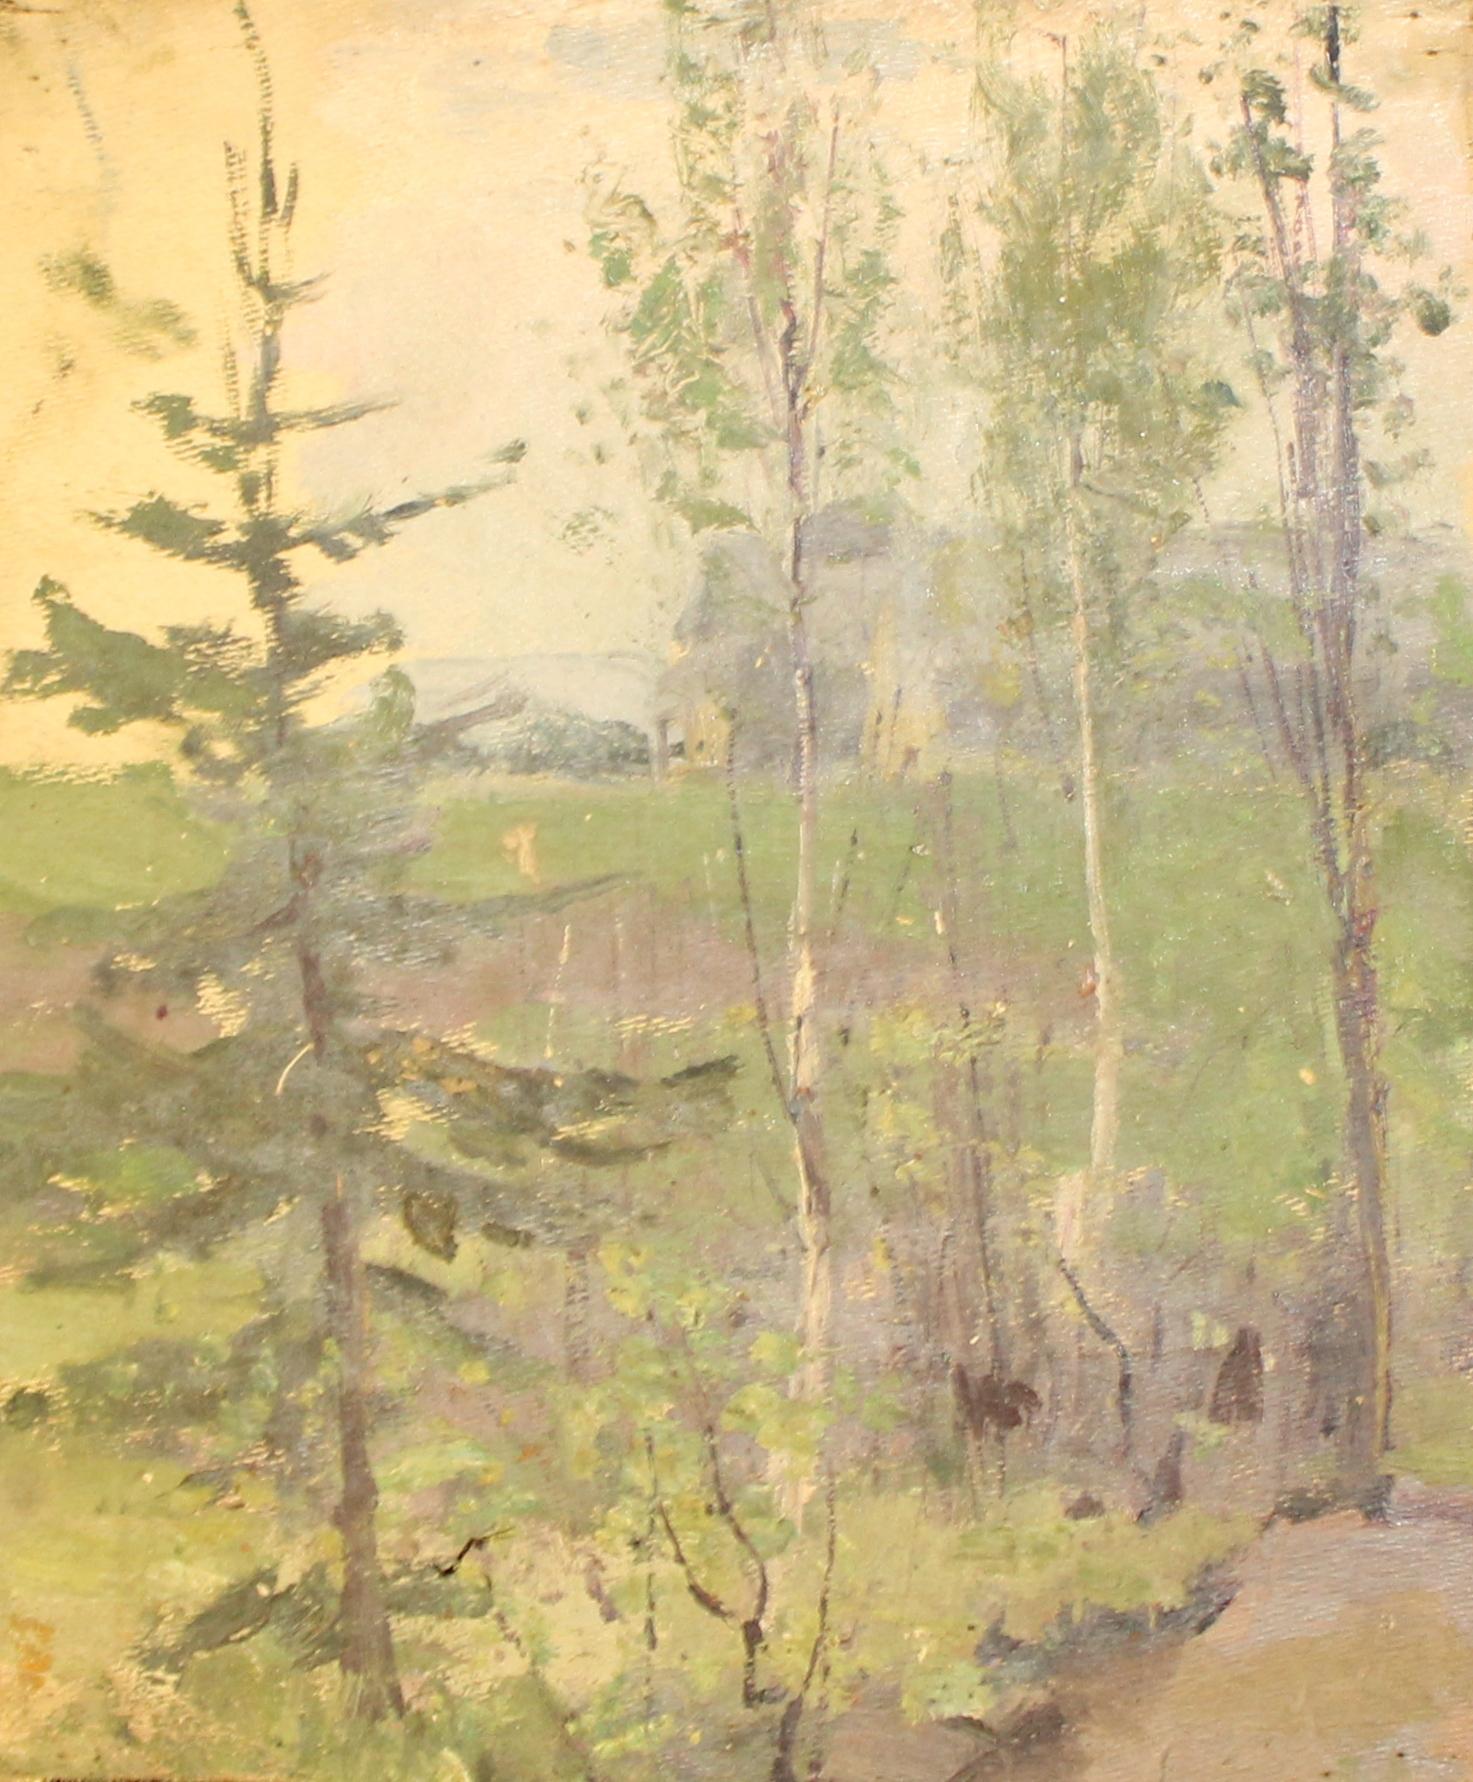 В лесу. Деревья